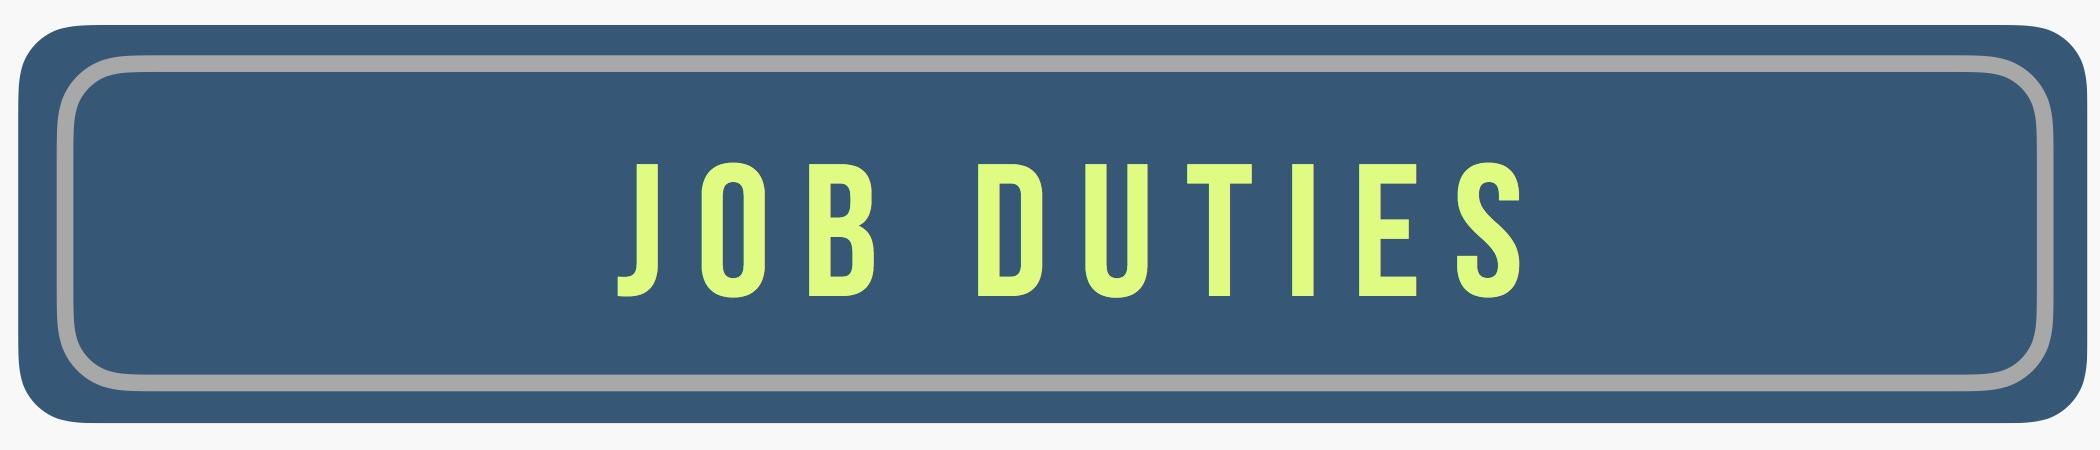 Job Duties 5.04.52 PM copy.jpg